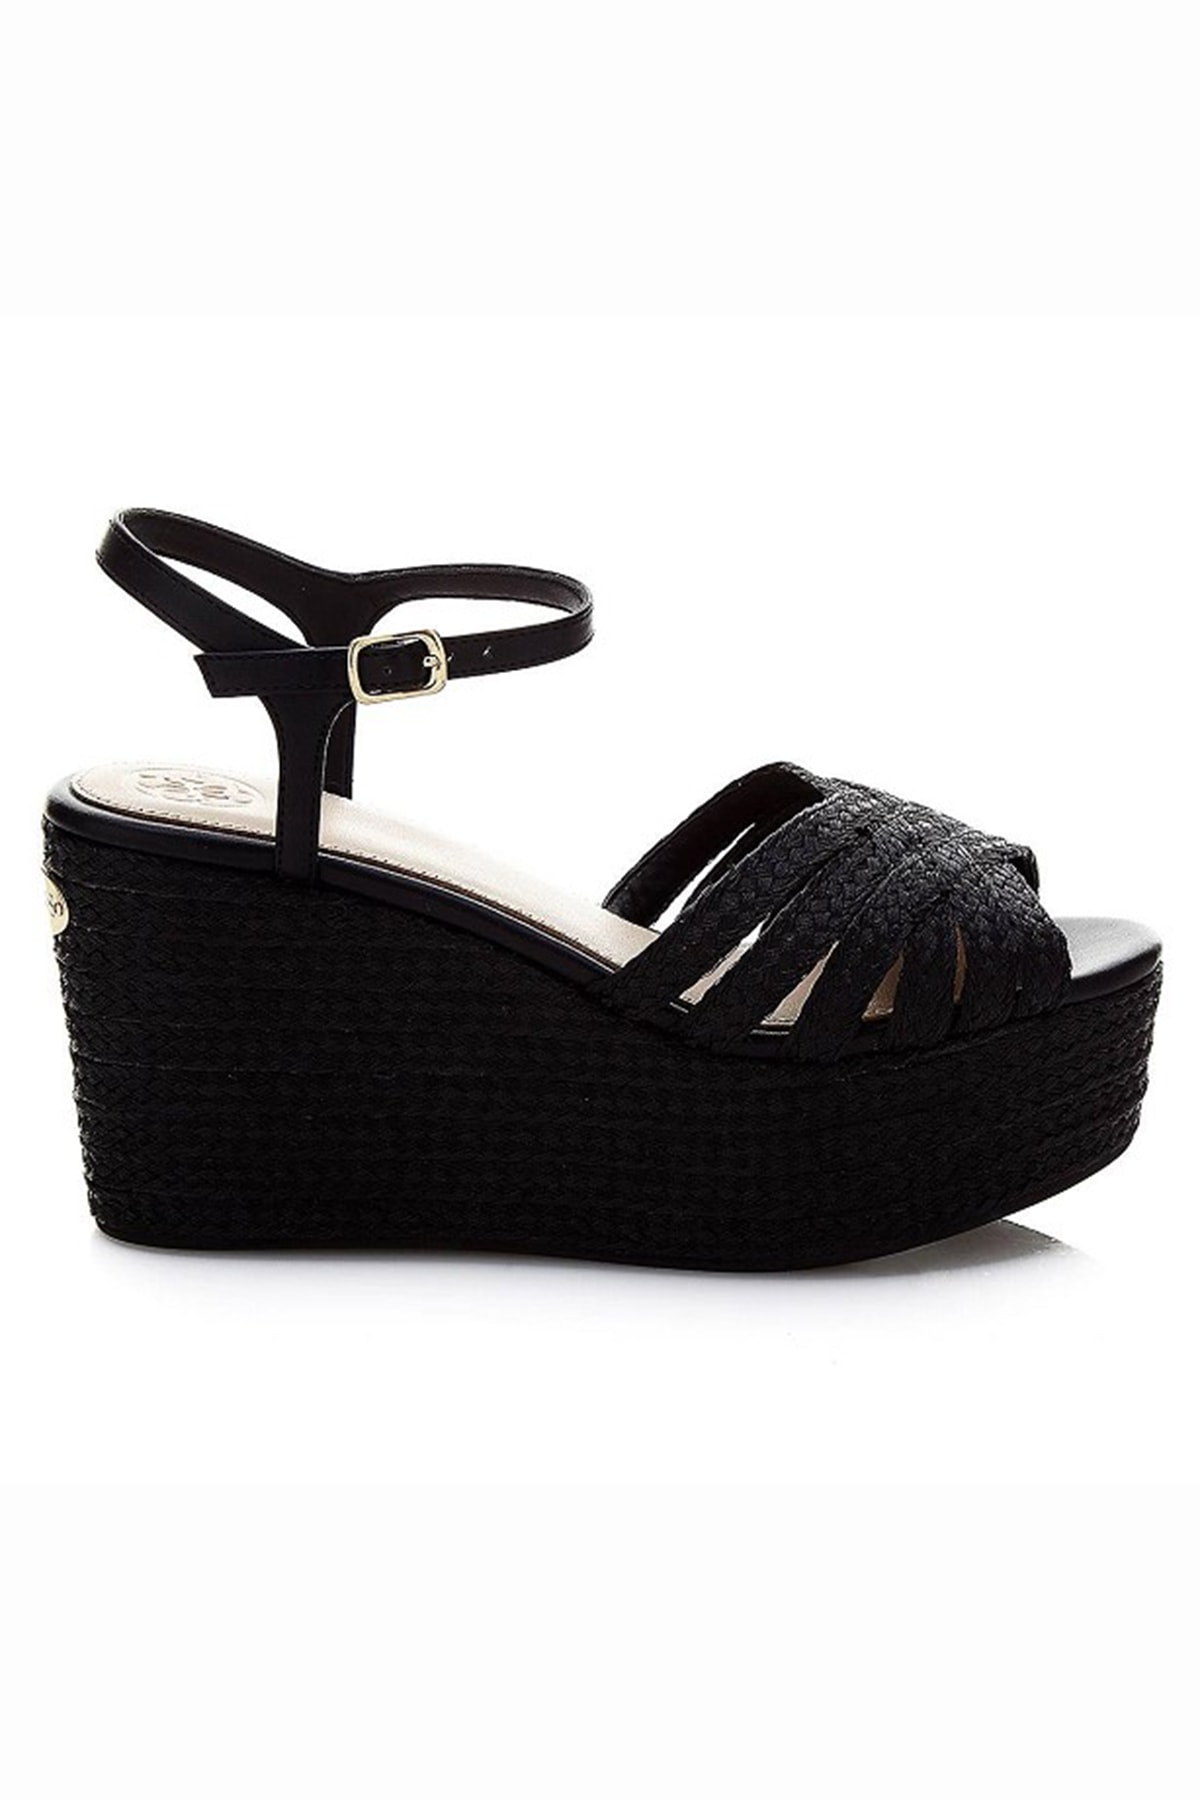 Guess Collection Kadın Dolgu Topuklu Ayakkabı FLGBN2LEL03